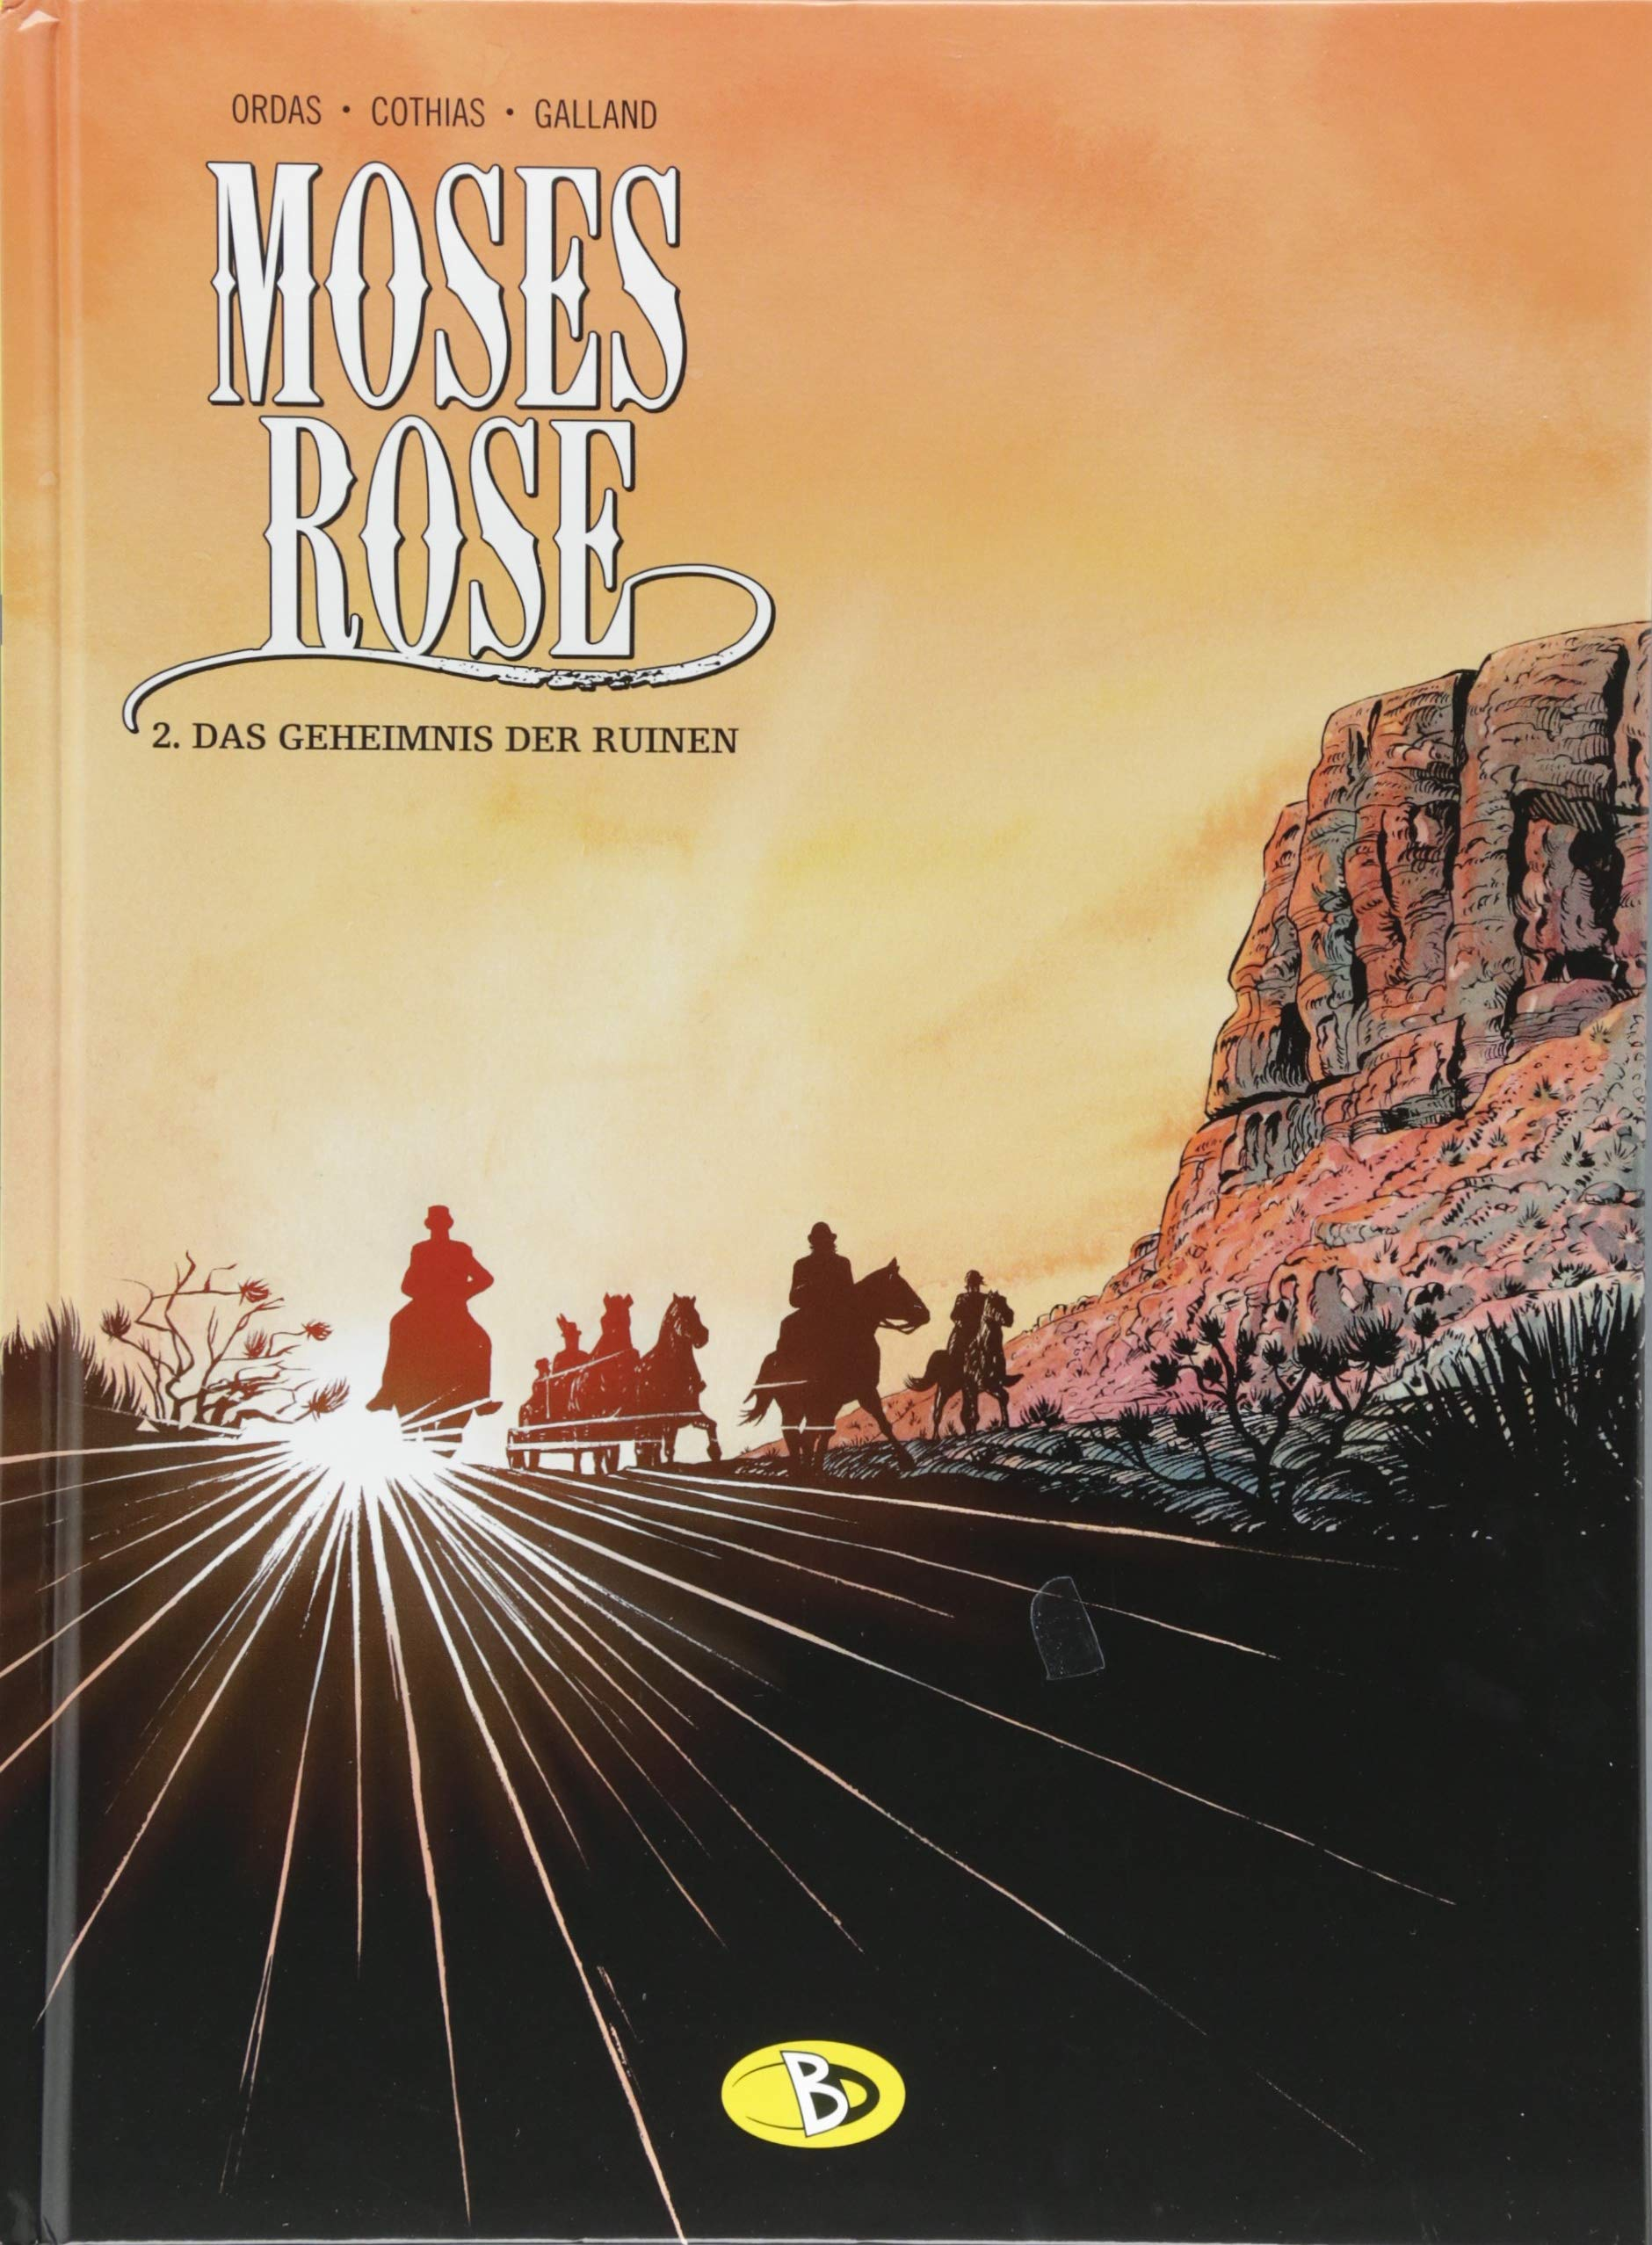 Moses Rose #2: Das Geheimnis der Ruinen Gebundenes Buch – Ungekürzte Ausgabe, 15. Juni 2018 Patrice Ordas Patrick Cothias Christelle Galland Marcus Schweizer